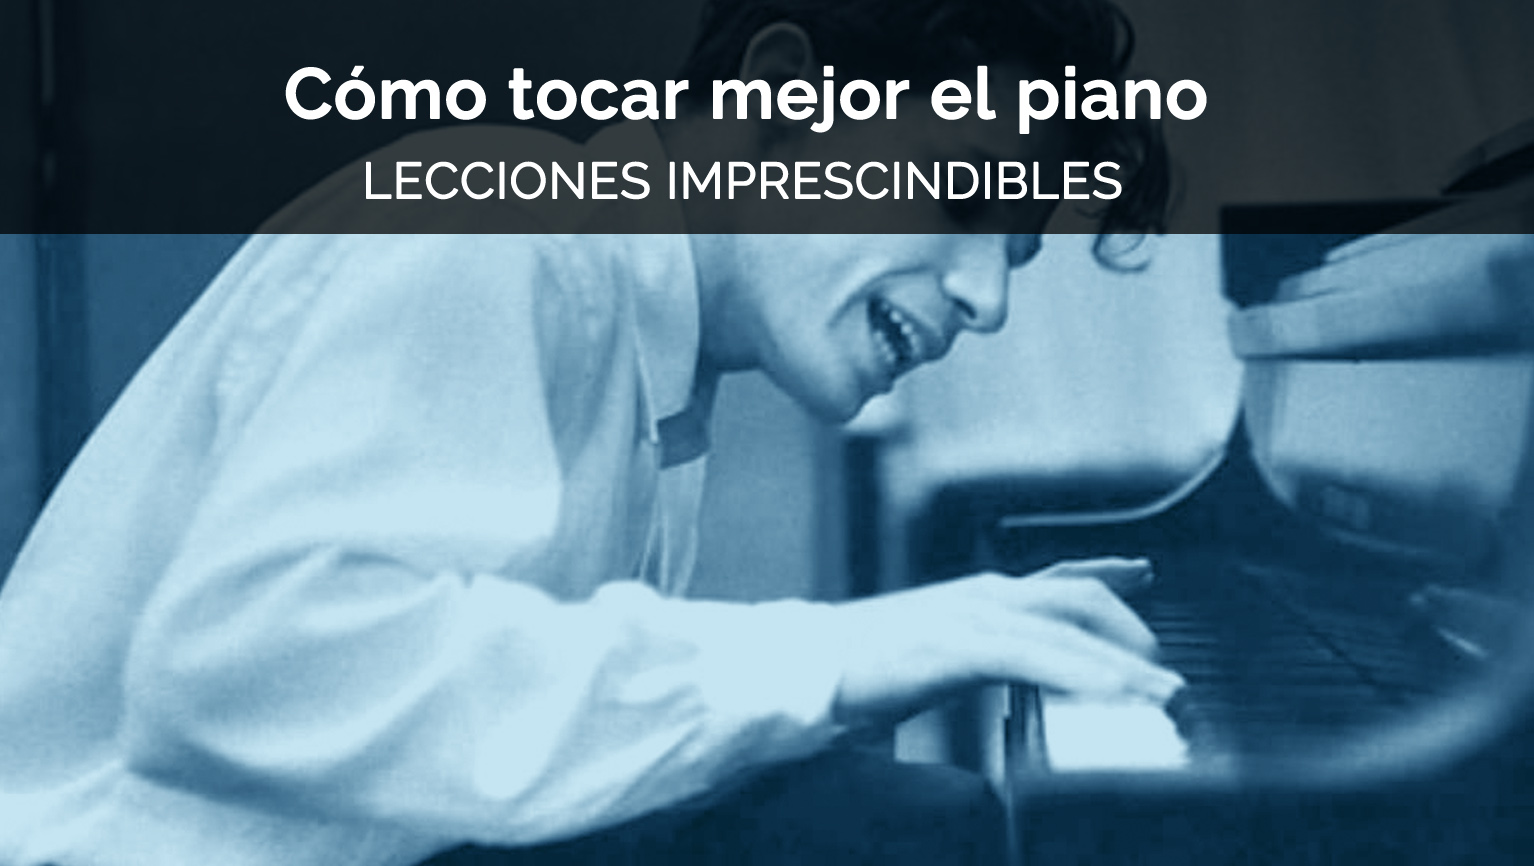 lecciones de piano imprescindibles